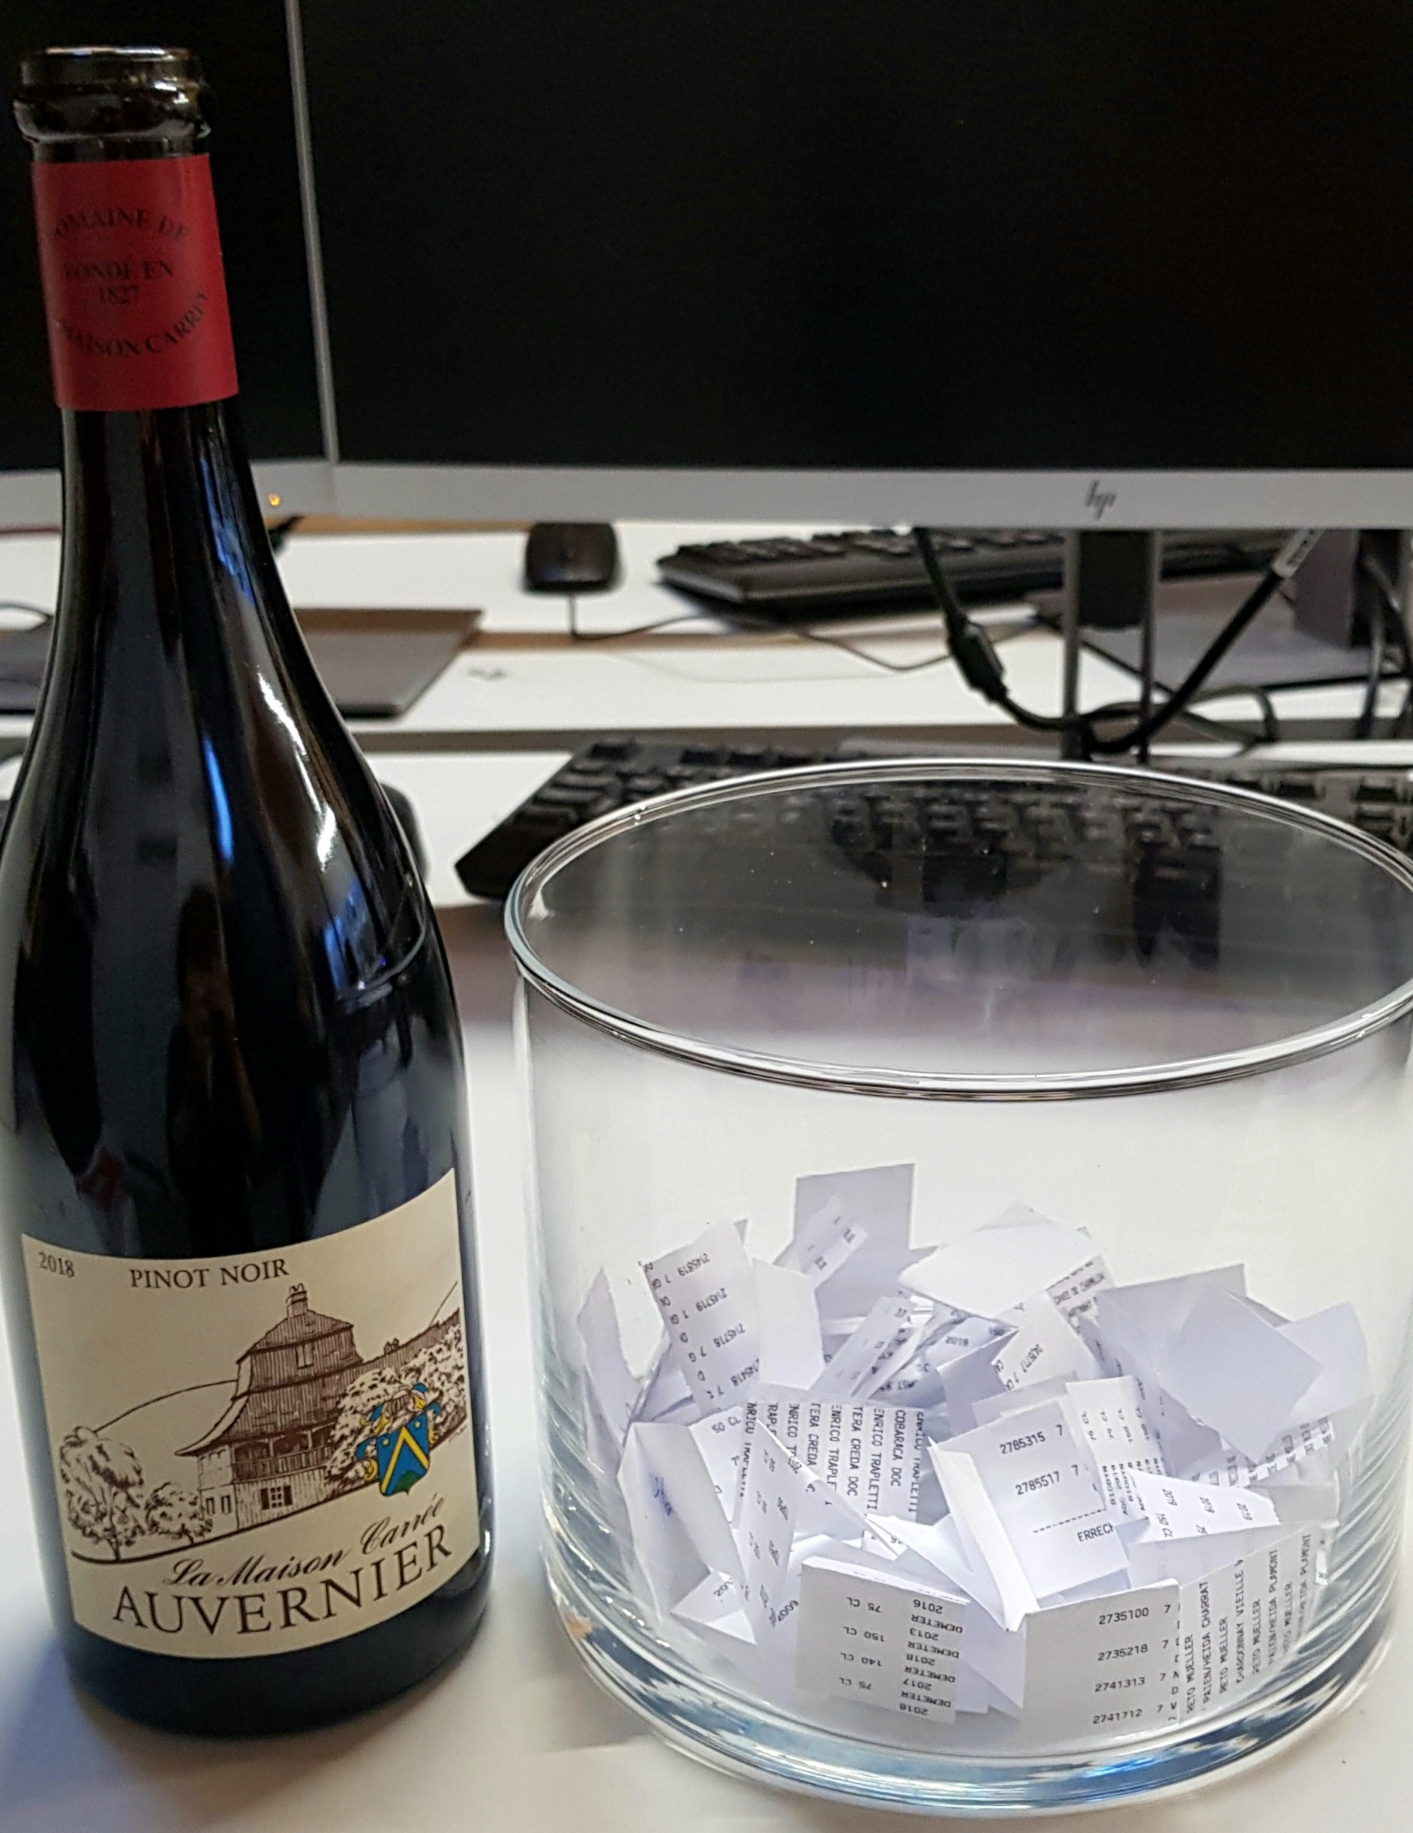 Verlosung vom Pinot Noir Auvernier 2018 von La Maison Carrée